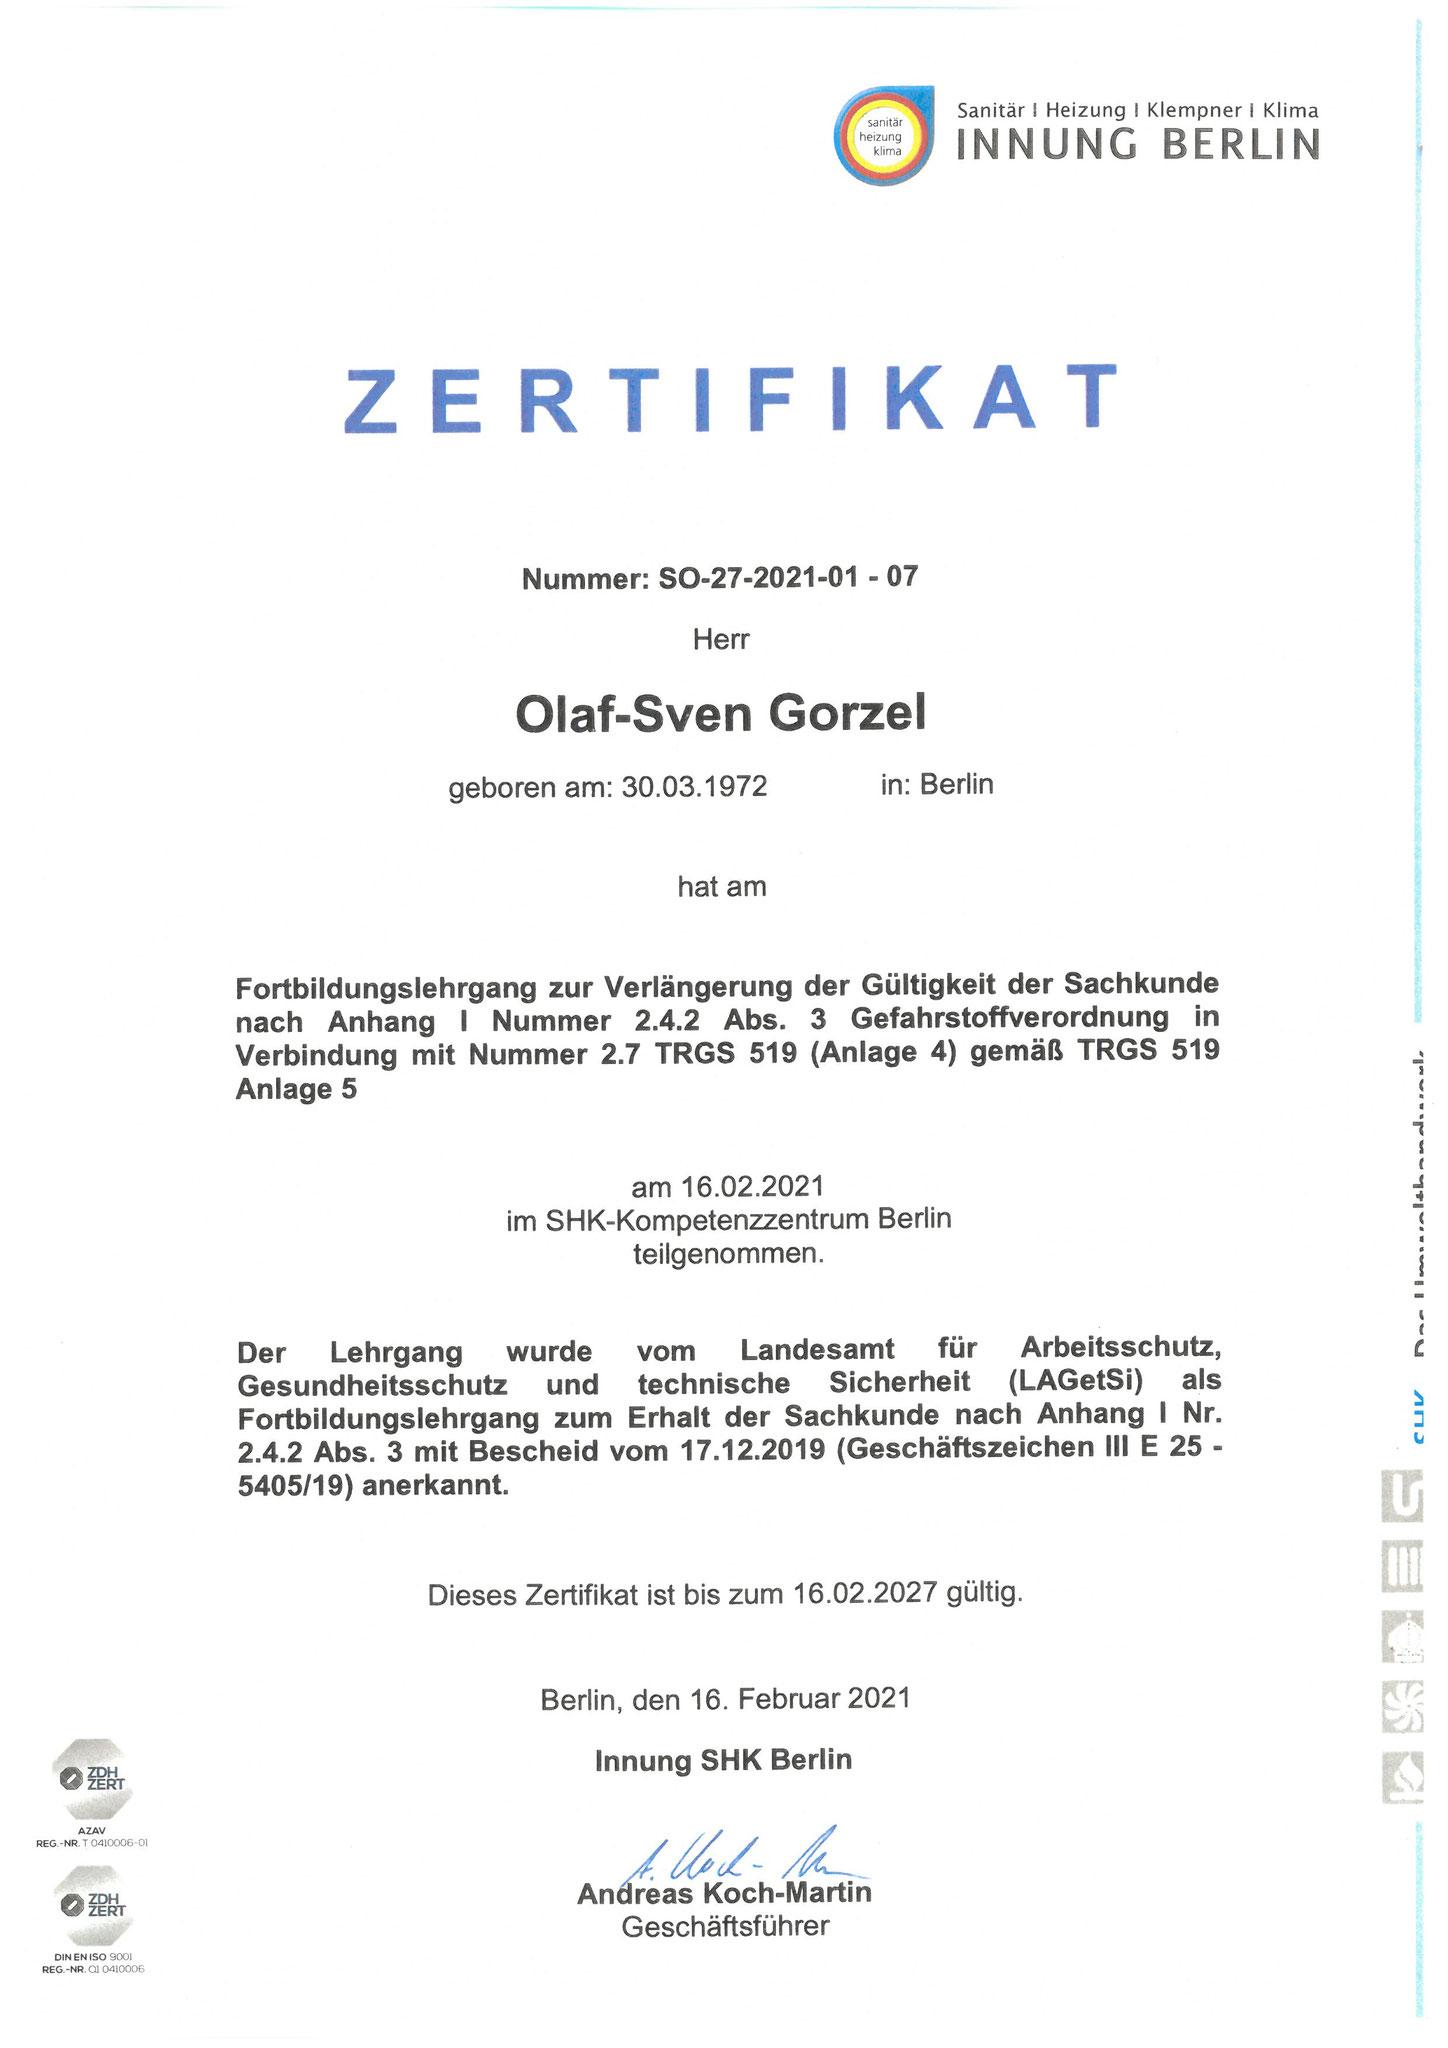 TRGS - Sachkundenachweis Gefahrenstoffverordnung - Verlängerung gültig bis 02.2027